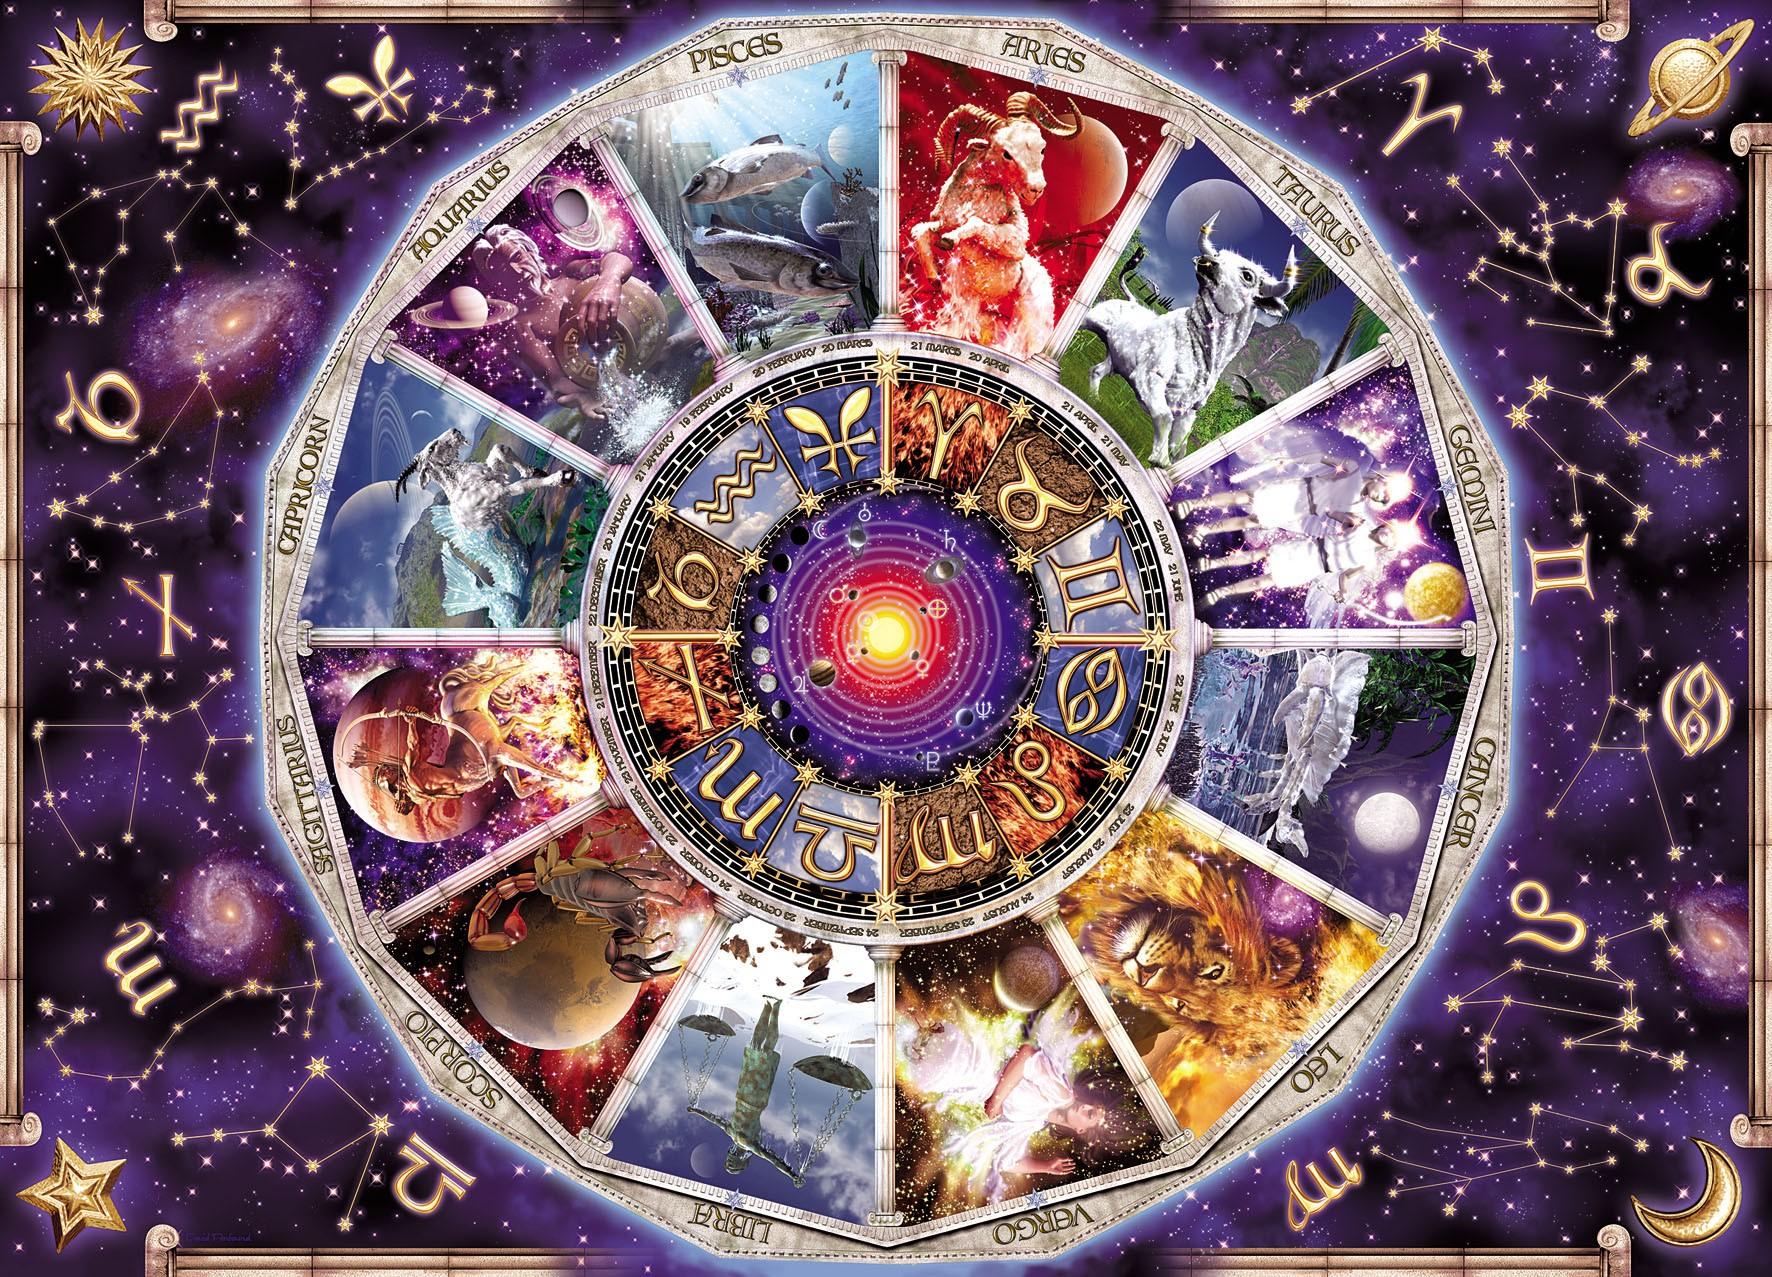 Знаки зодиака - яркое и красивое изображение